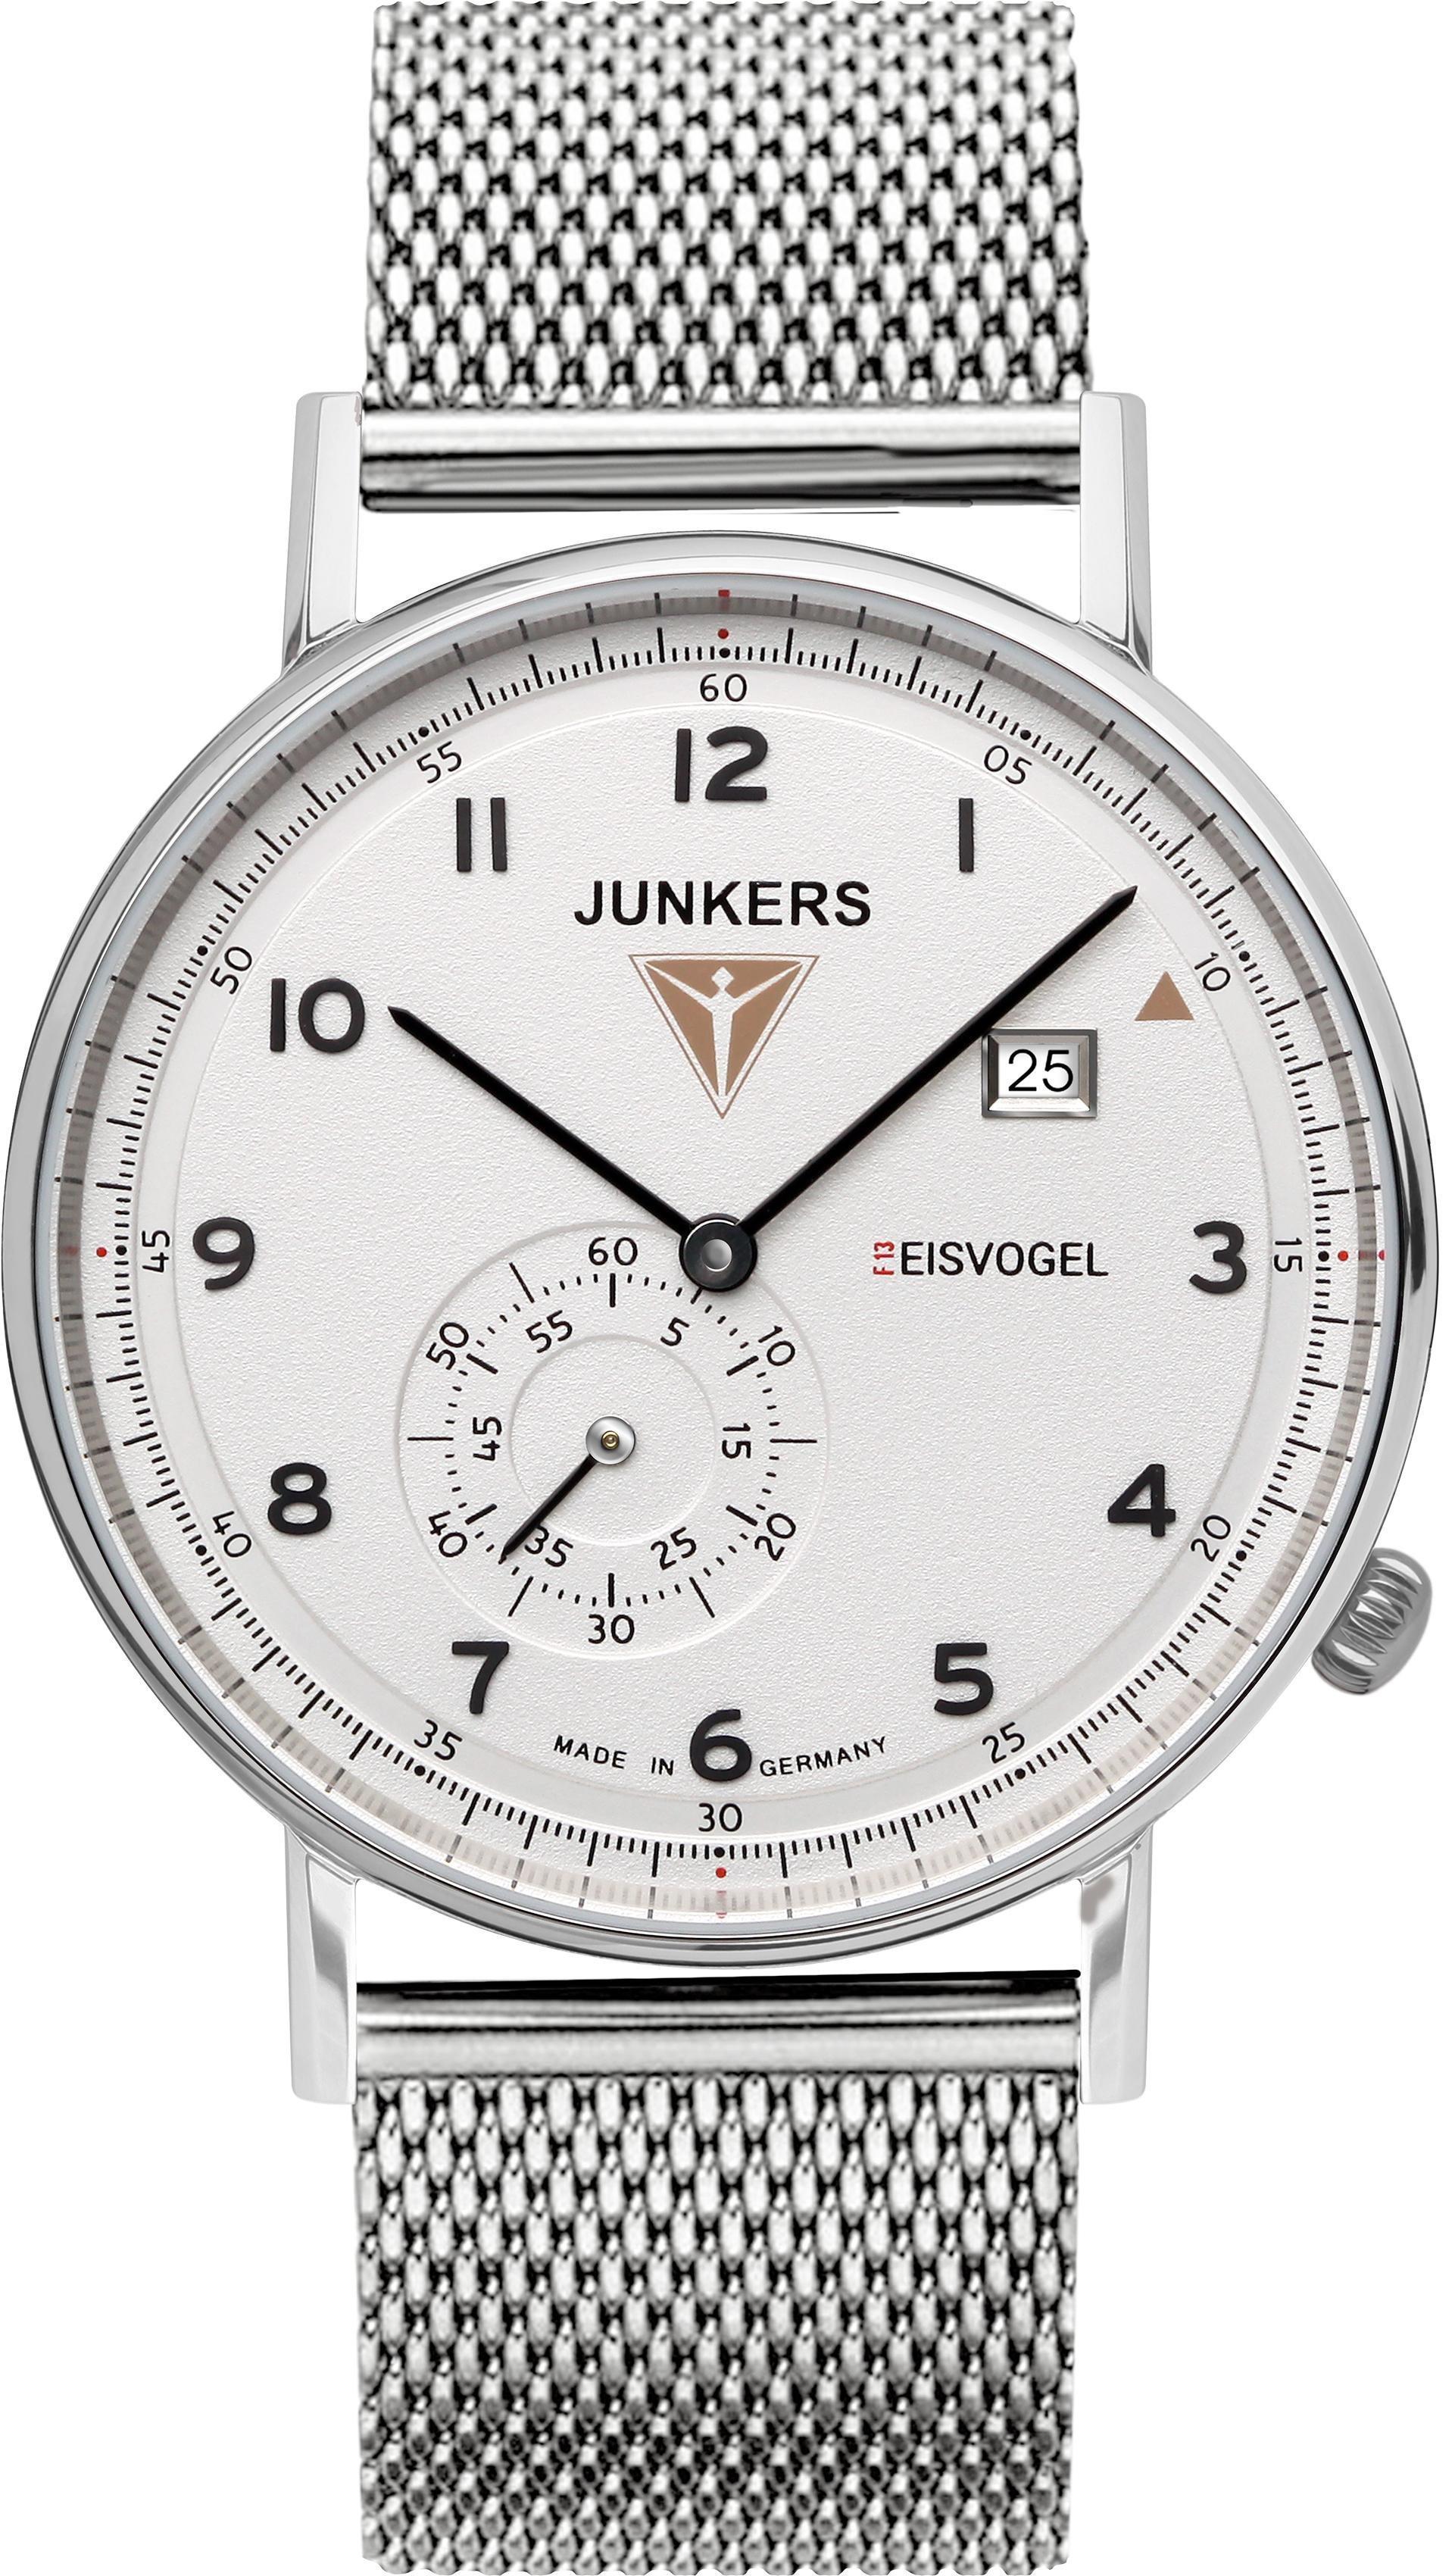 Junkers-Uhren Quarzuhr Eisvogel 6730-M-1